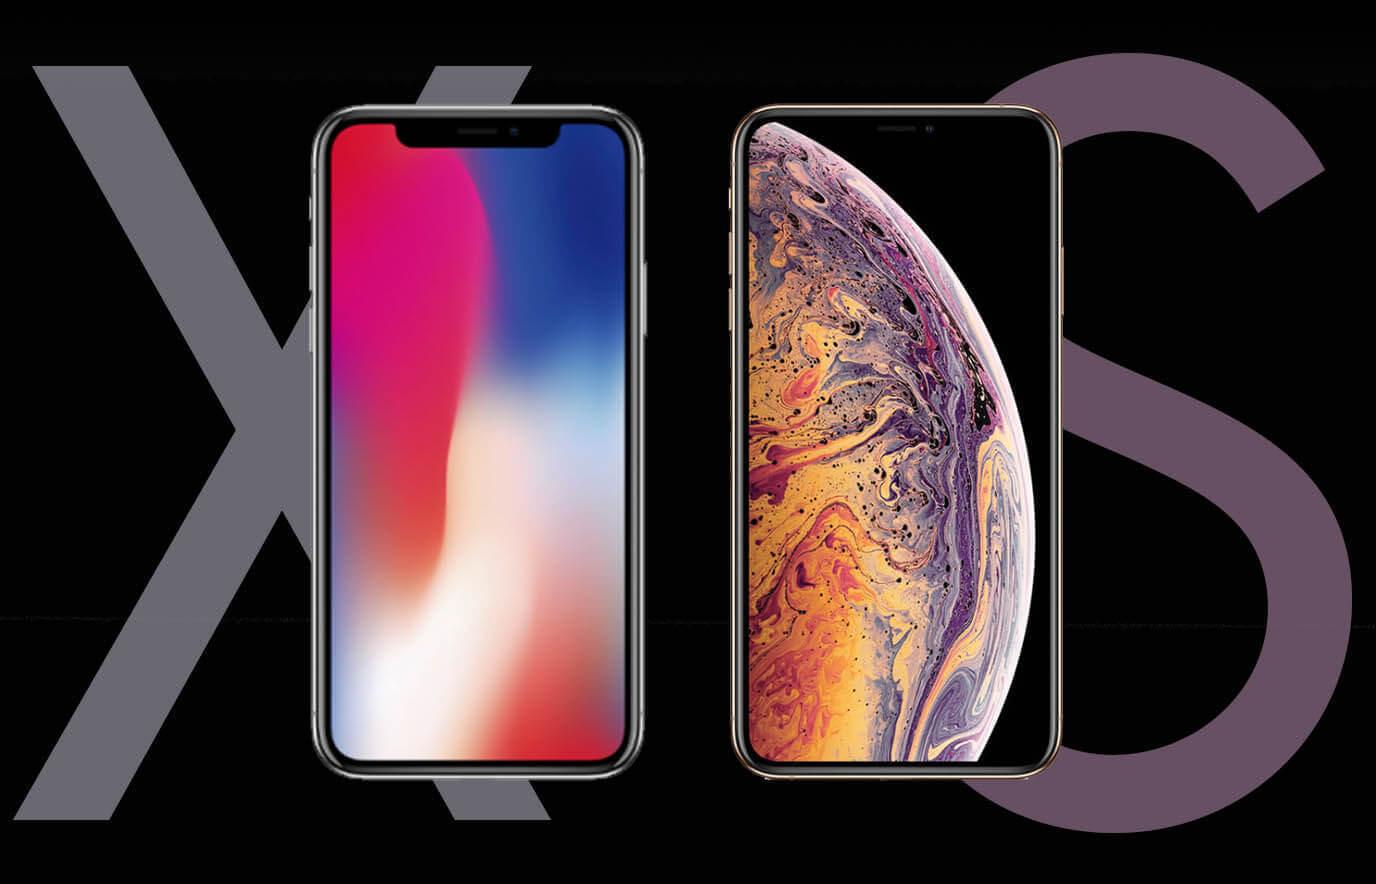 Wat is het verschil tussen de iPhone X en de iPhone XS?